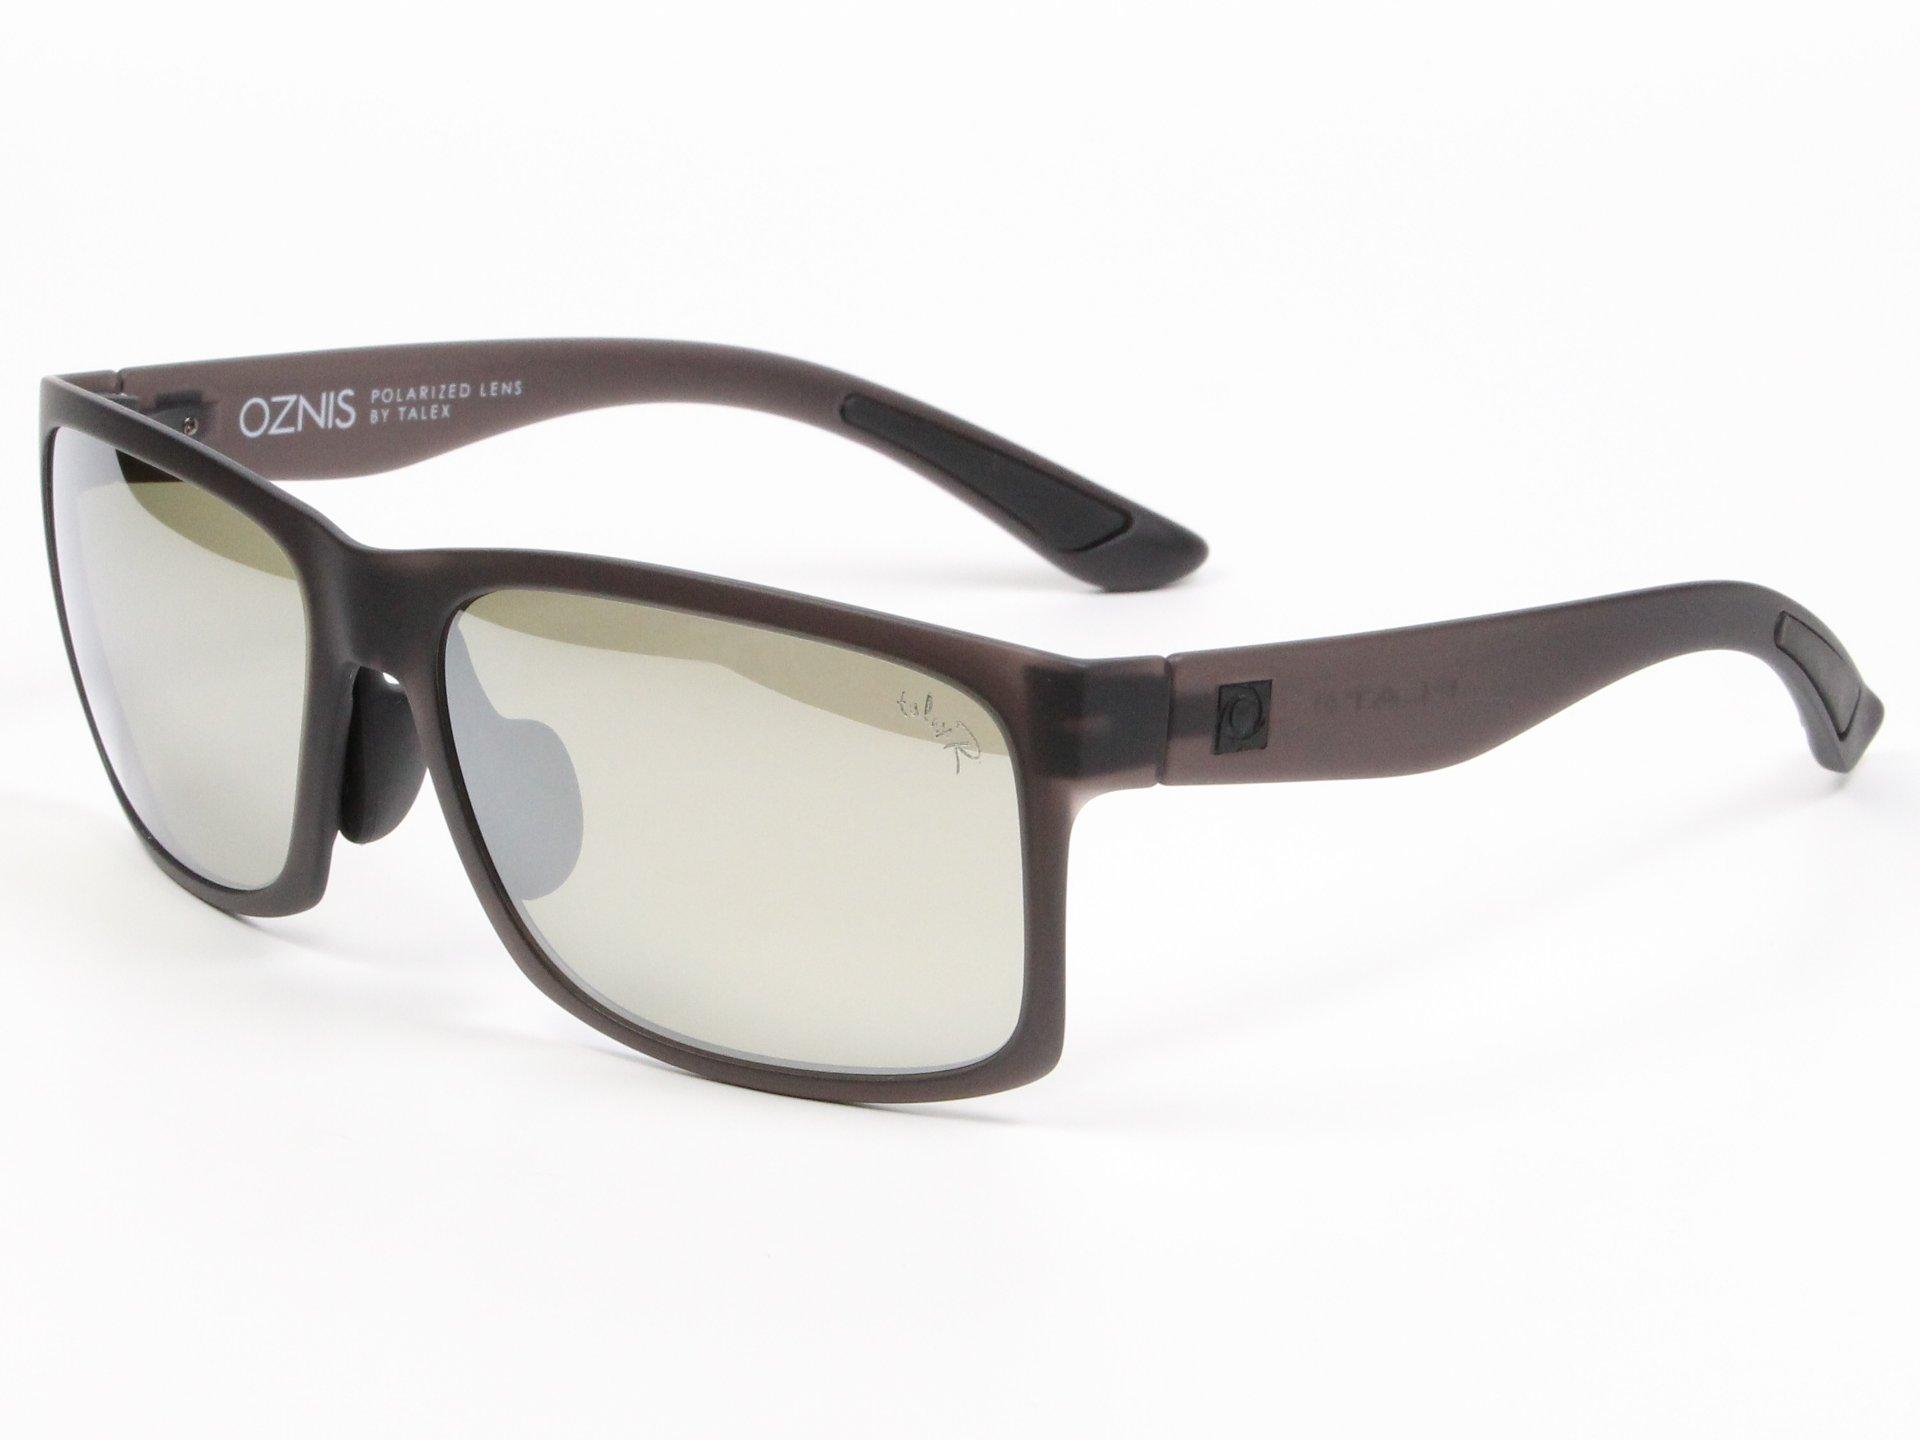 TALEX(タレックス)度なしサングラス製作例 OZNIS FLAT07(オズニス・フラット07)